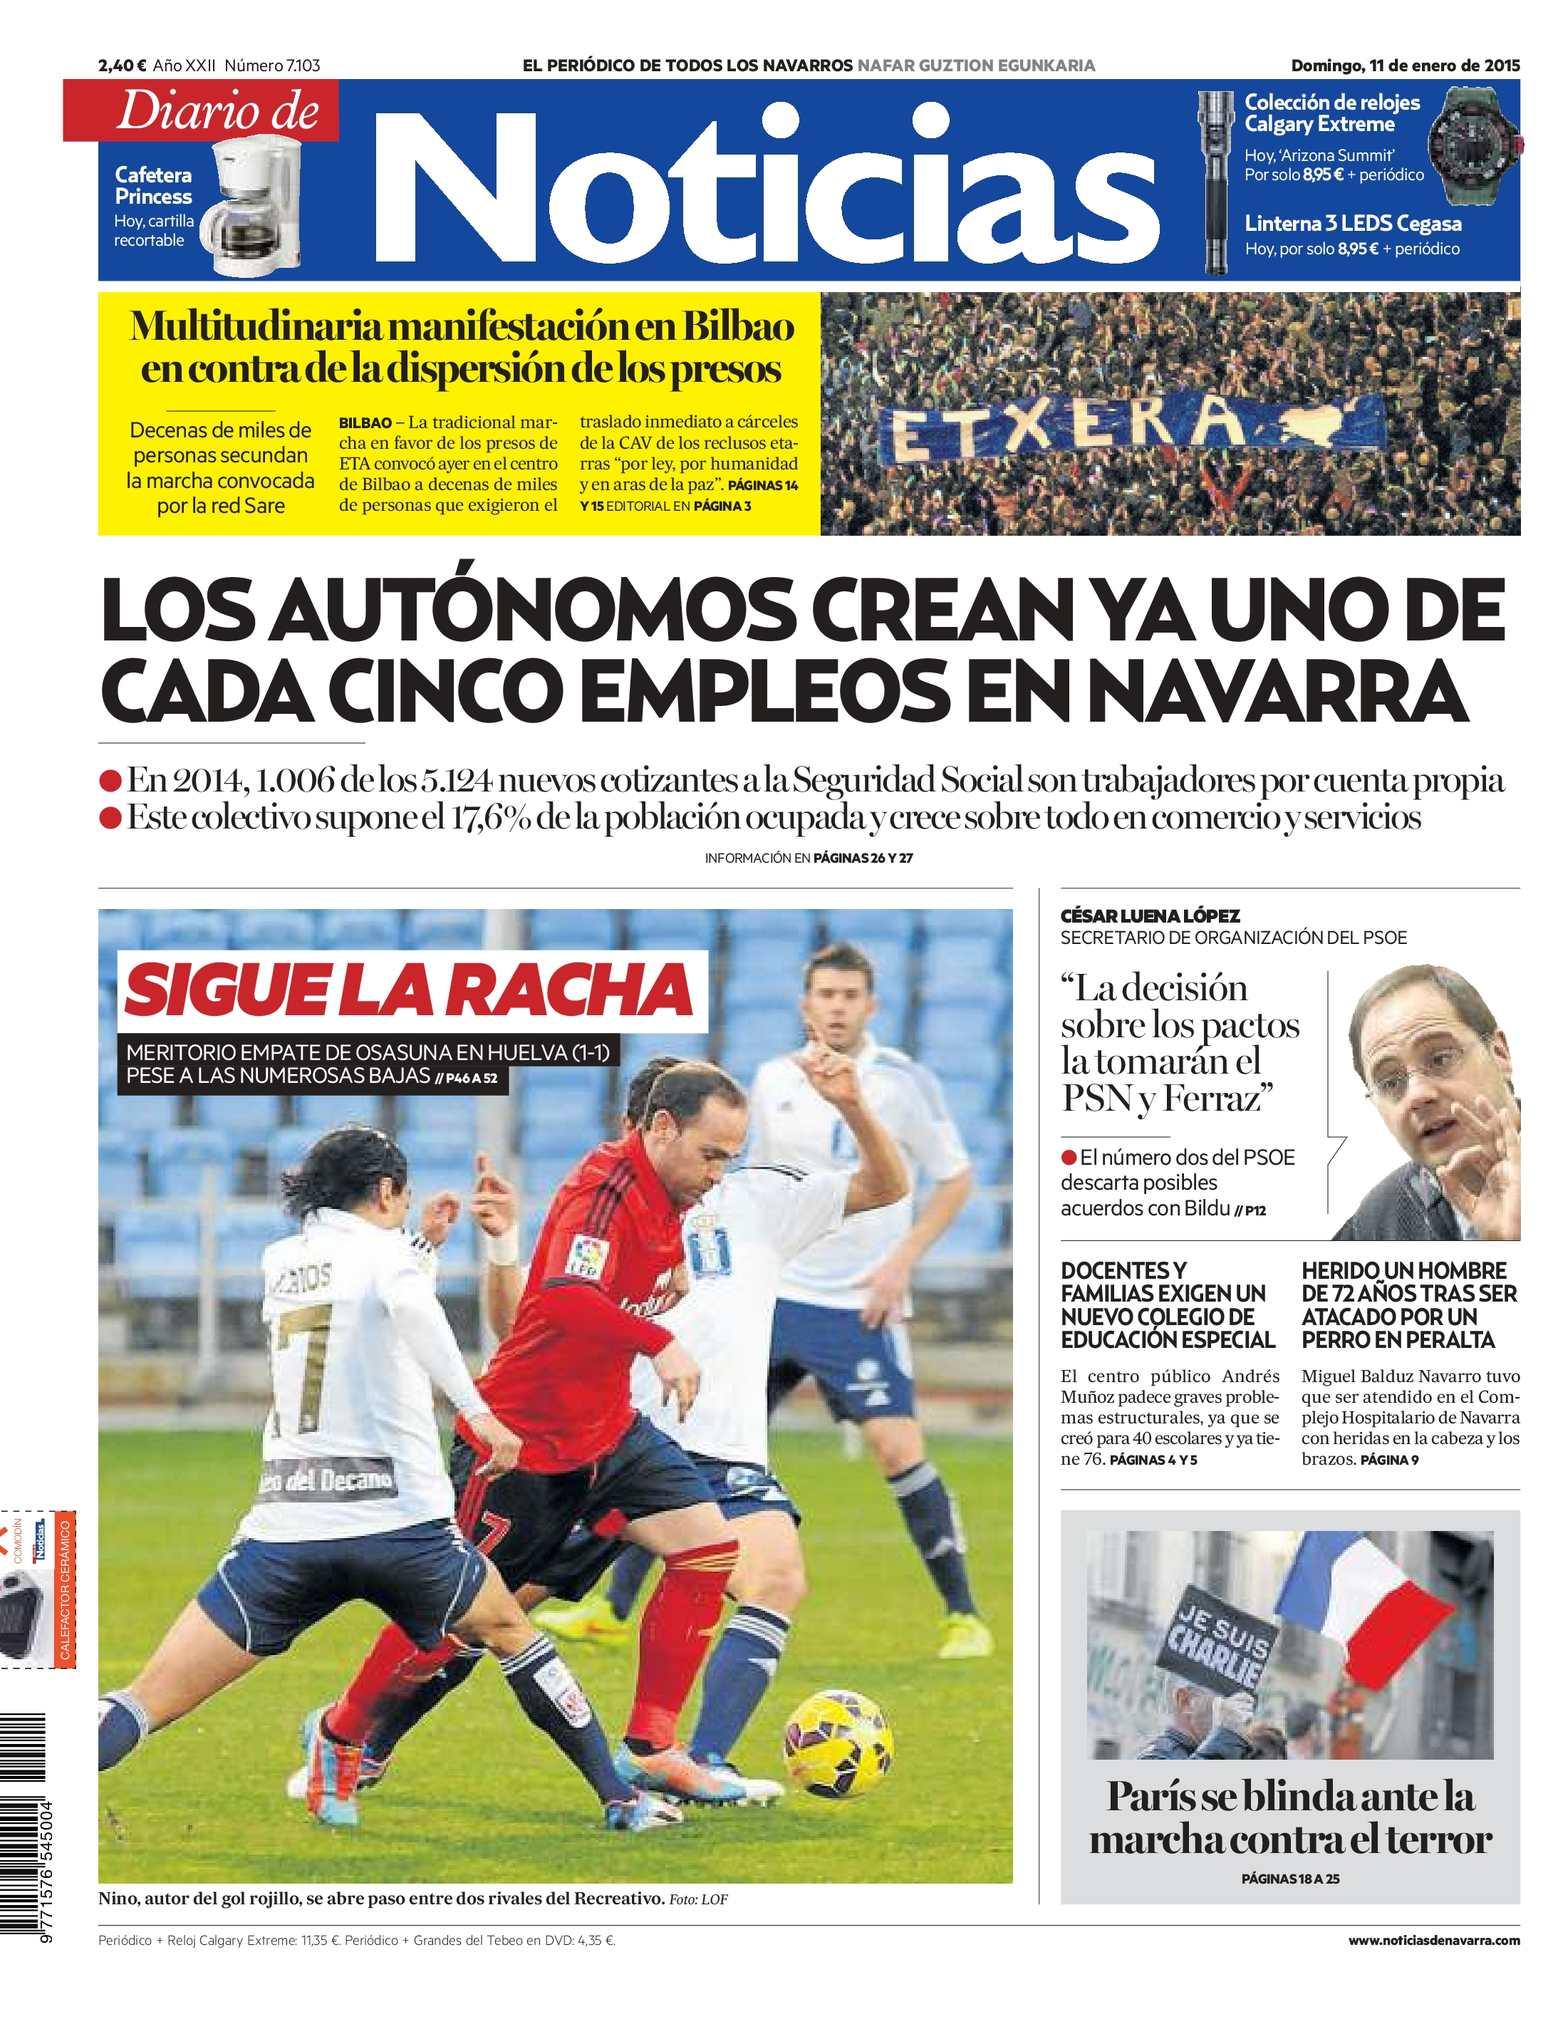 3f3a64429 Calaméo - Diario de Noticias 20150111